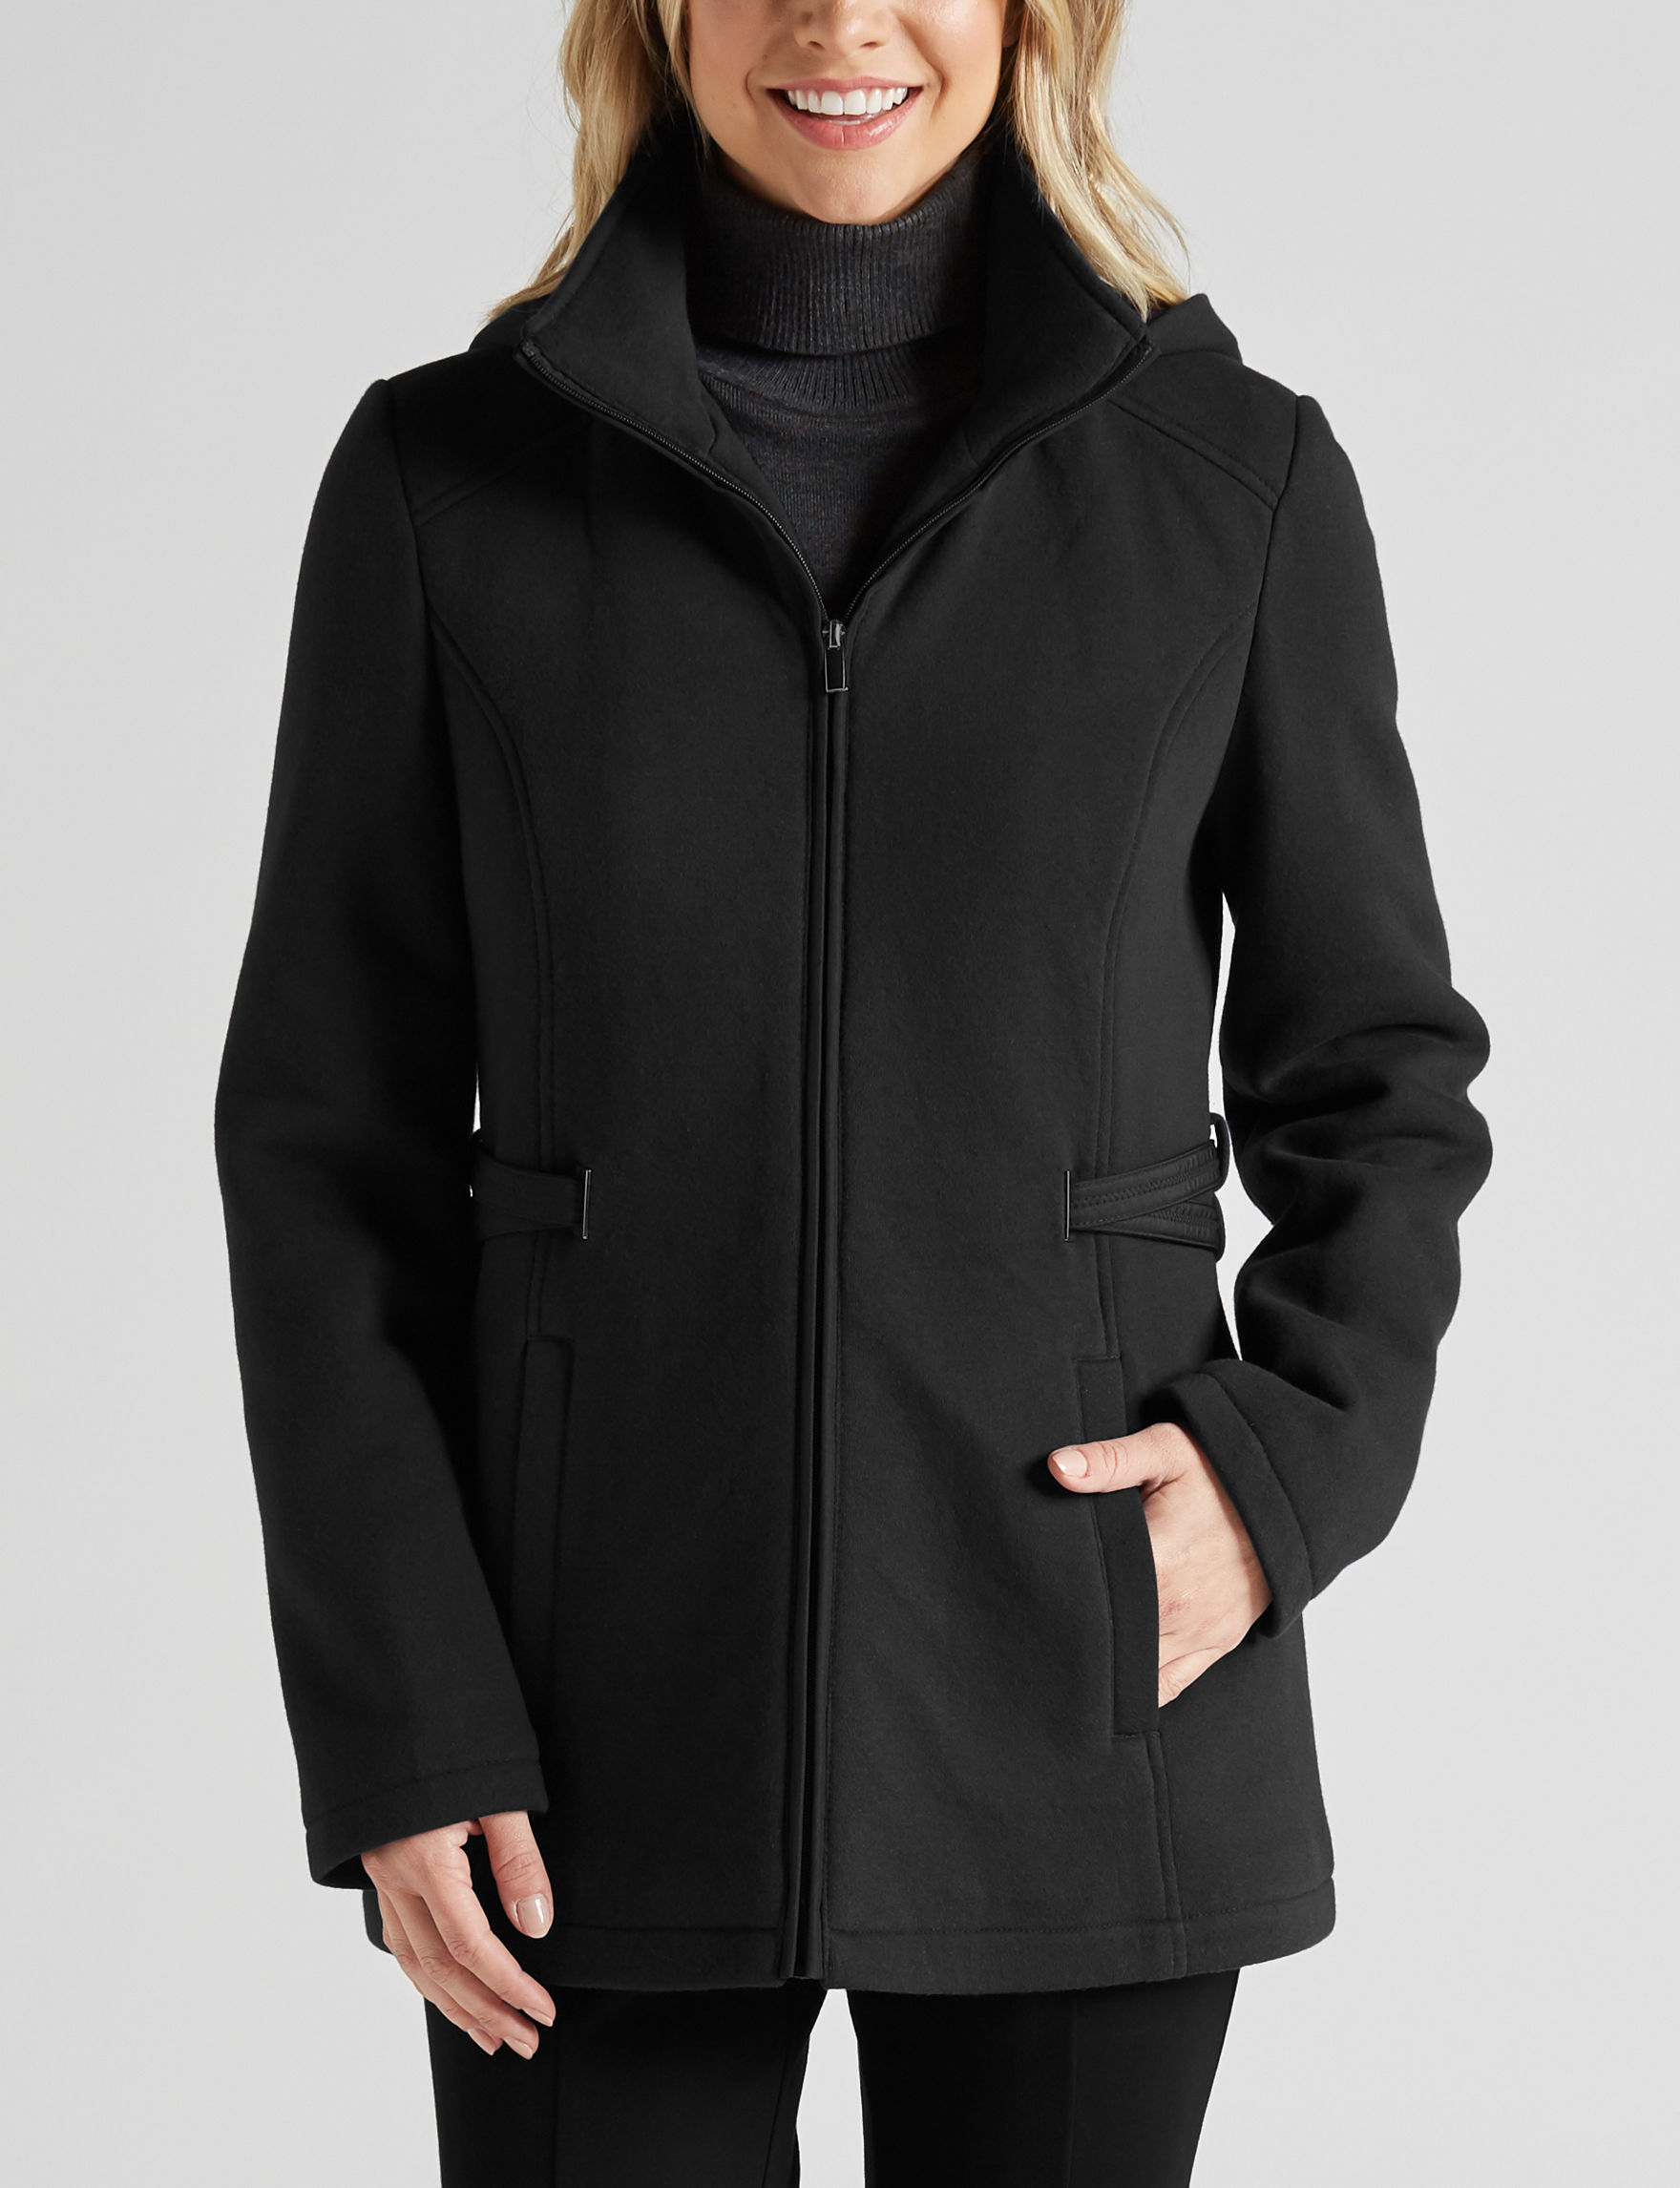 Valerie Stevens Black Fleece & Soft Shell Jackets